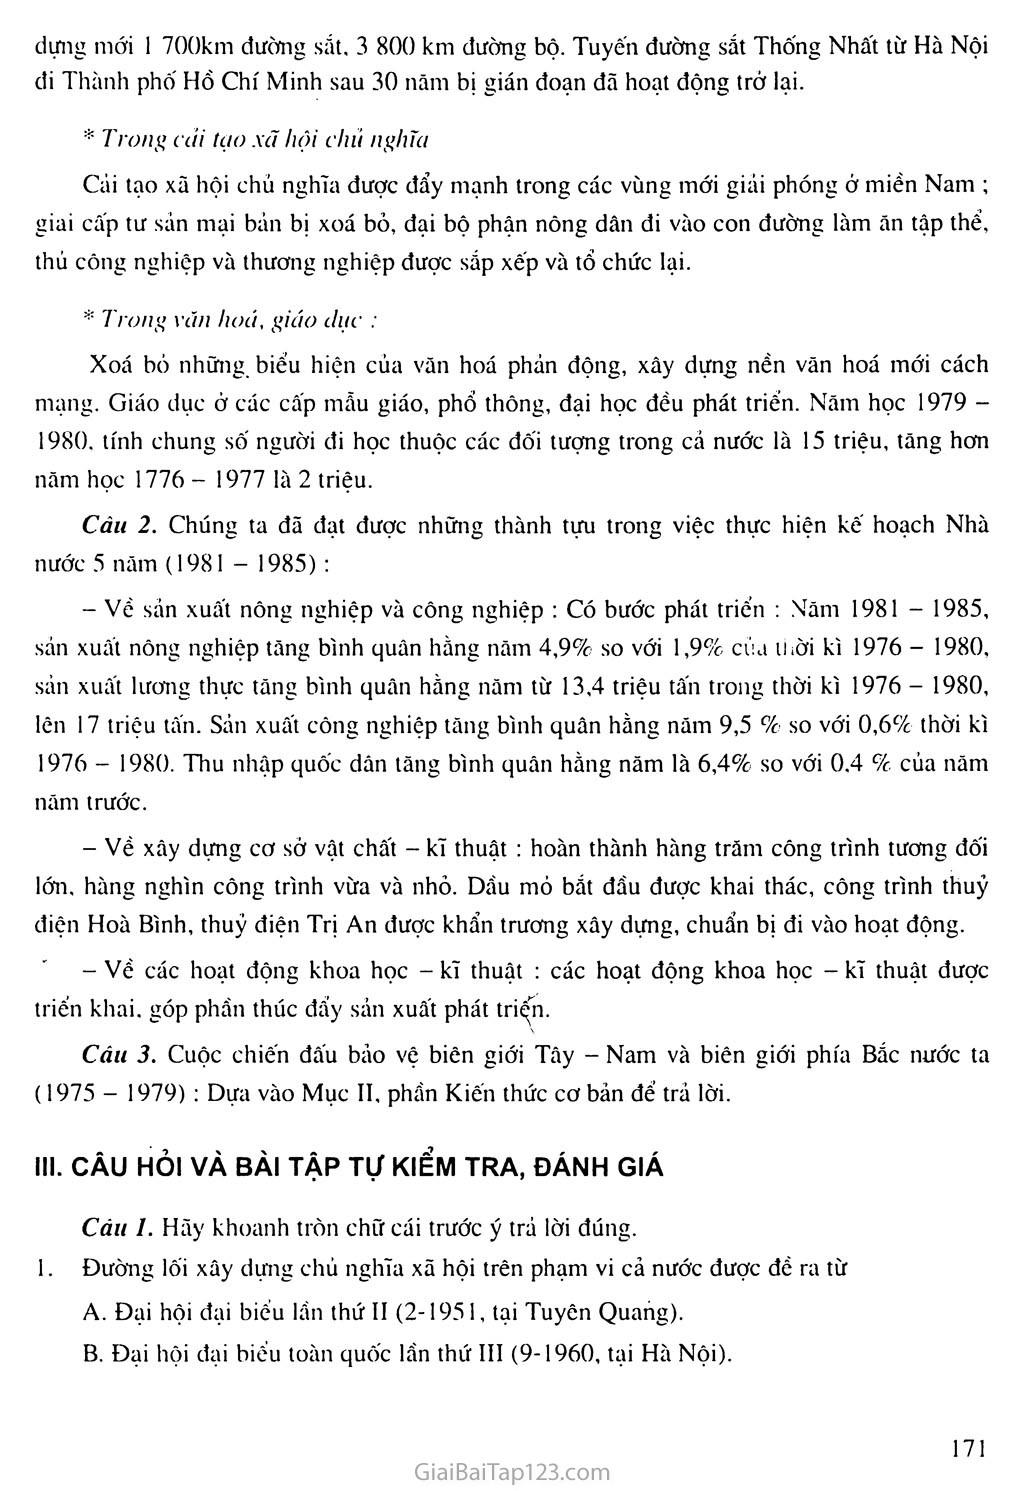 Bài 32: Xây dựng đất nước, đấu tranh bảo vệ Tổ quốc (1976 - 1985) trang 5